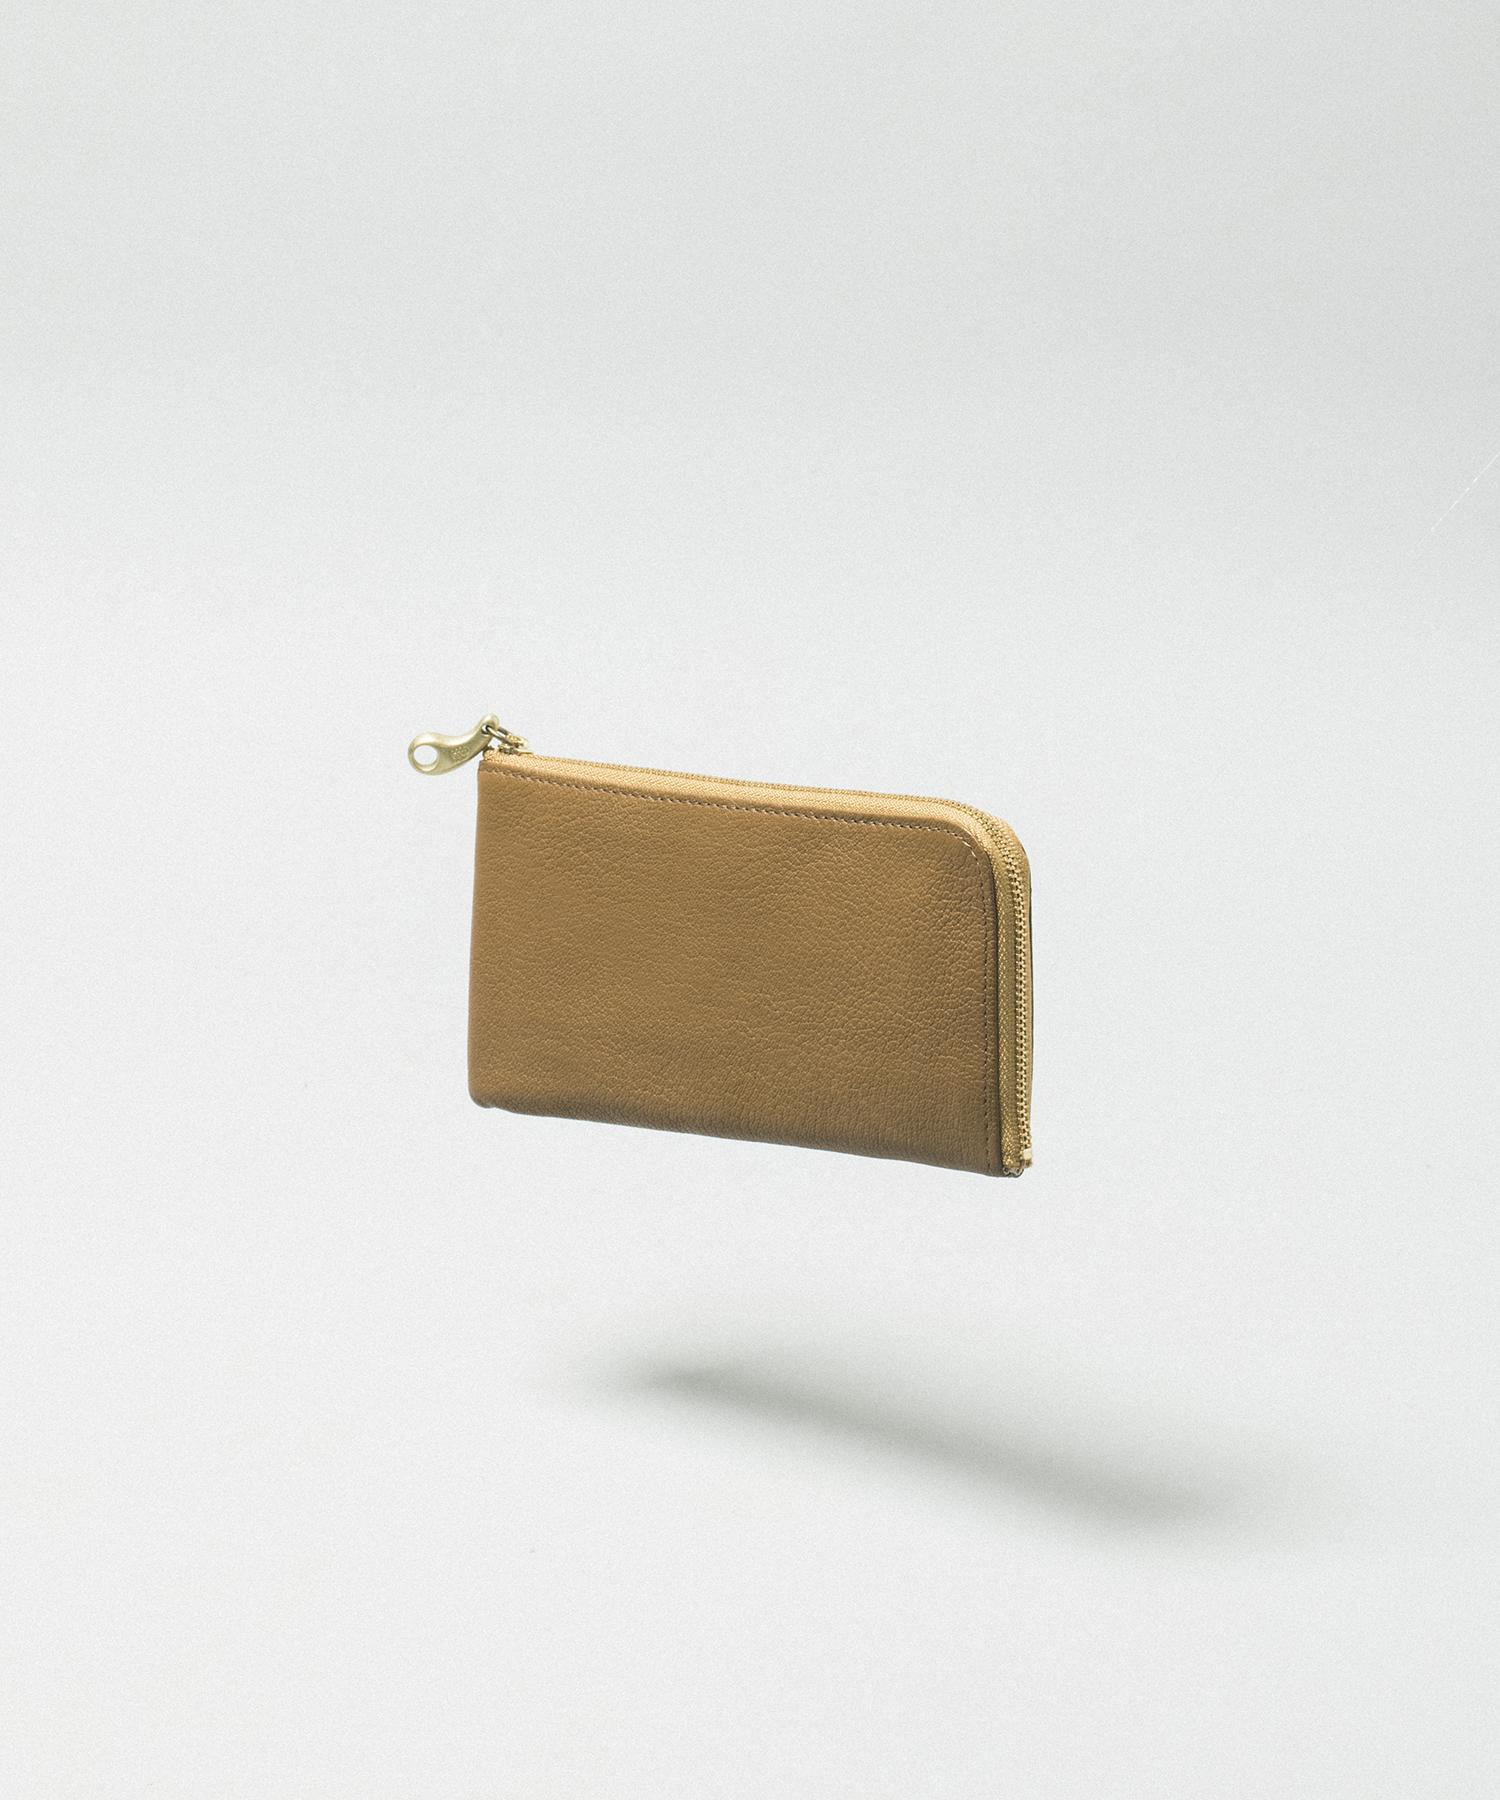 L Zip Slim Wallet